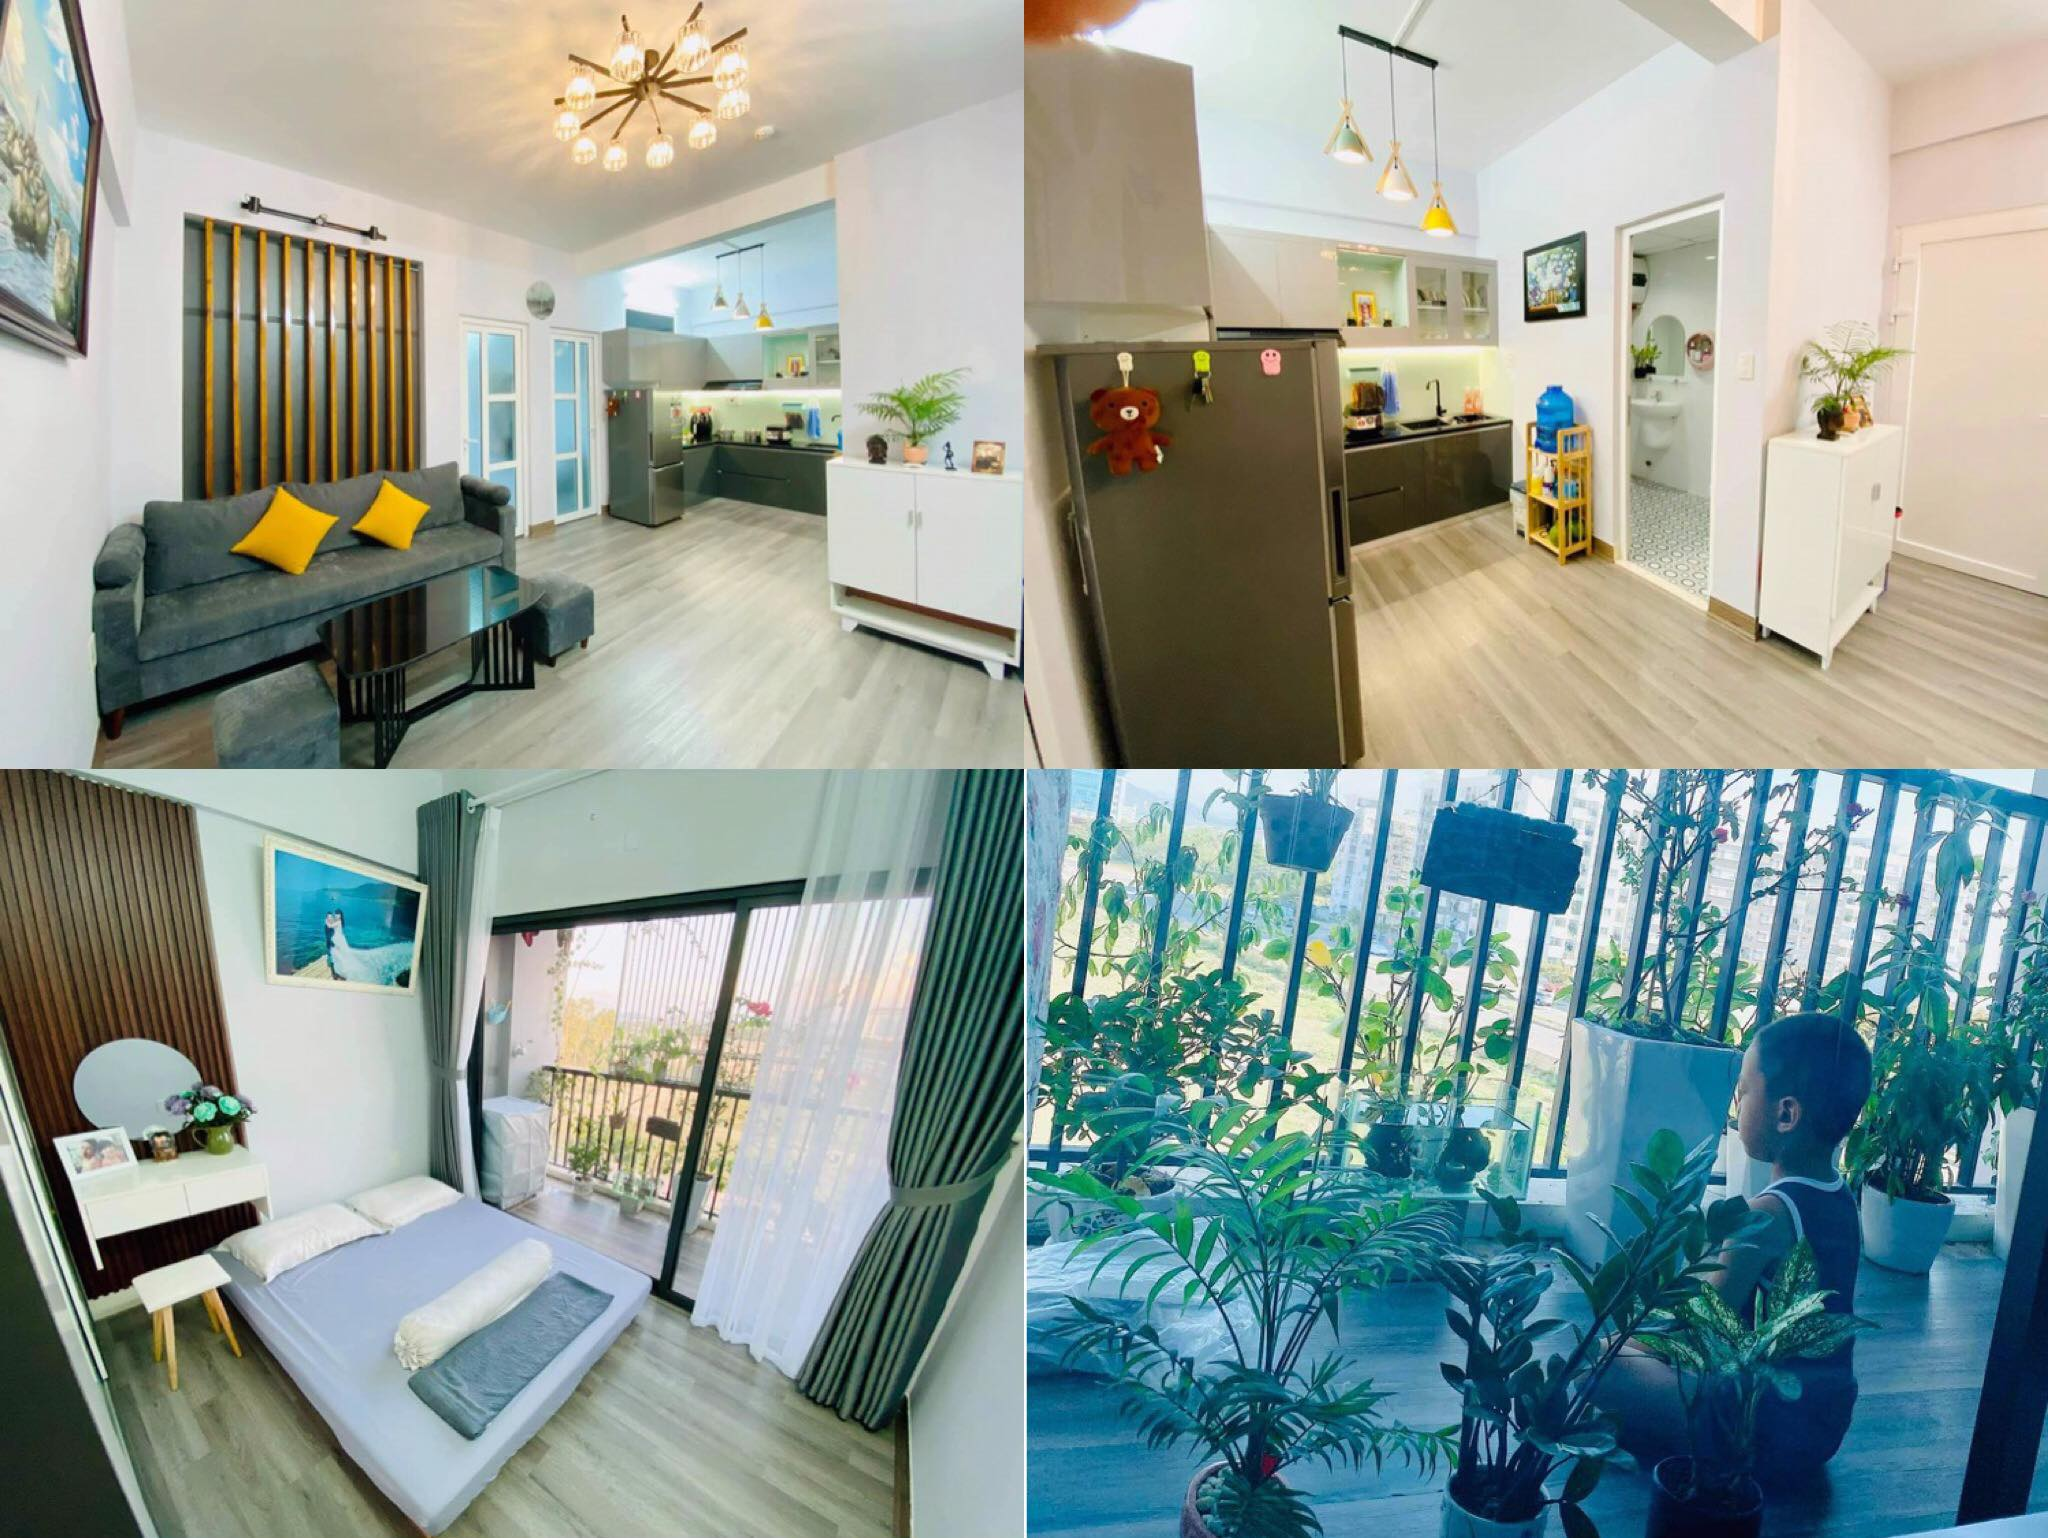 Mẹ hai con tự tay thiết kế căn hộ chung cư, style tối giản nhưng cực kỳ cá tính và sang trọng